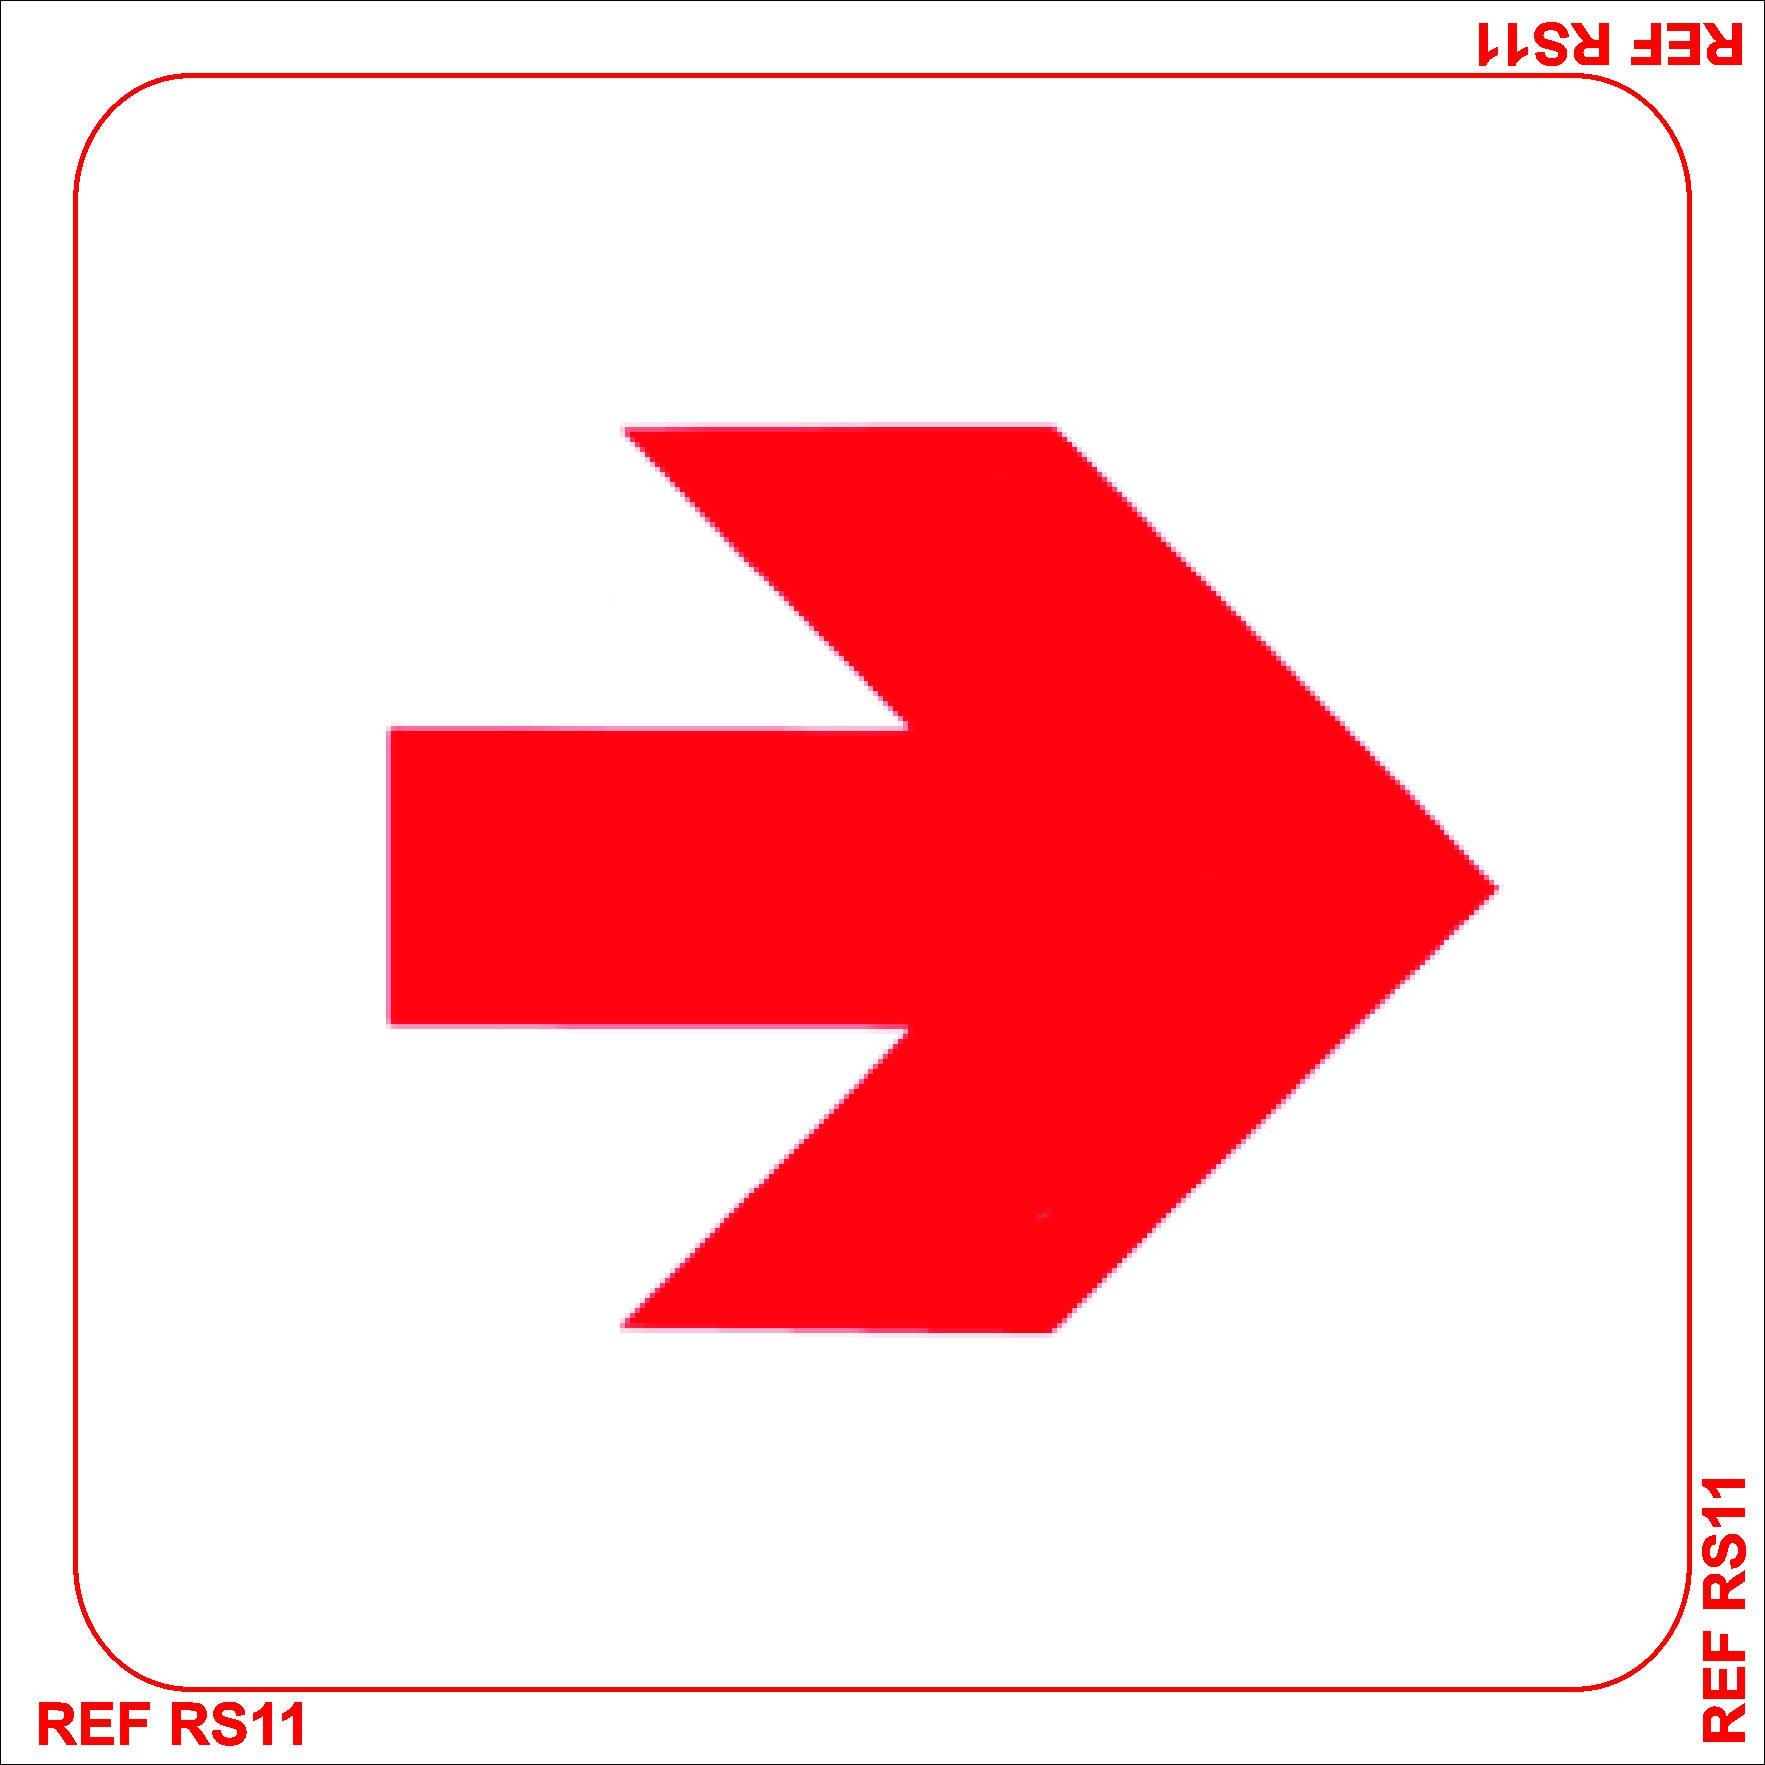 Redfern Red Arrow Sign 150mmx150mm